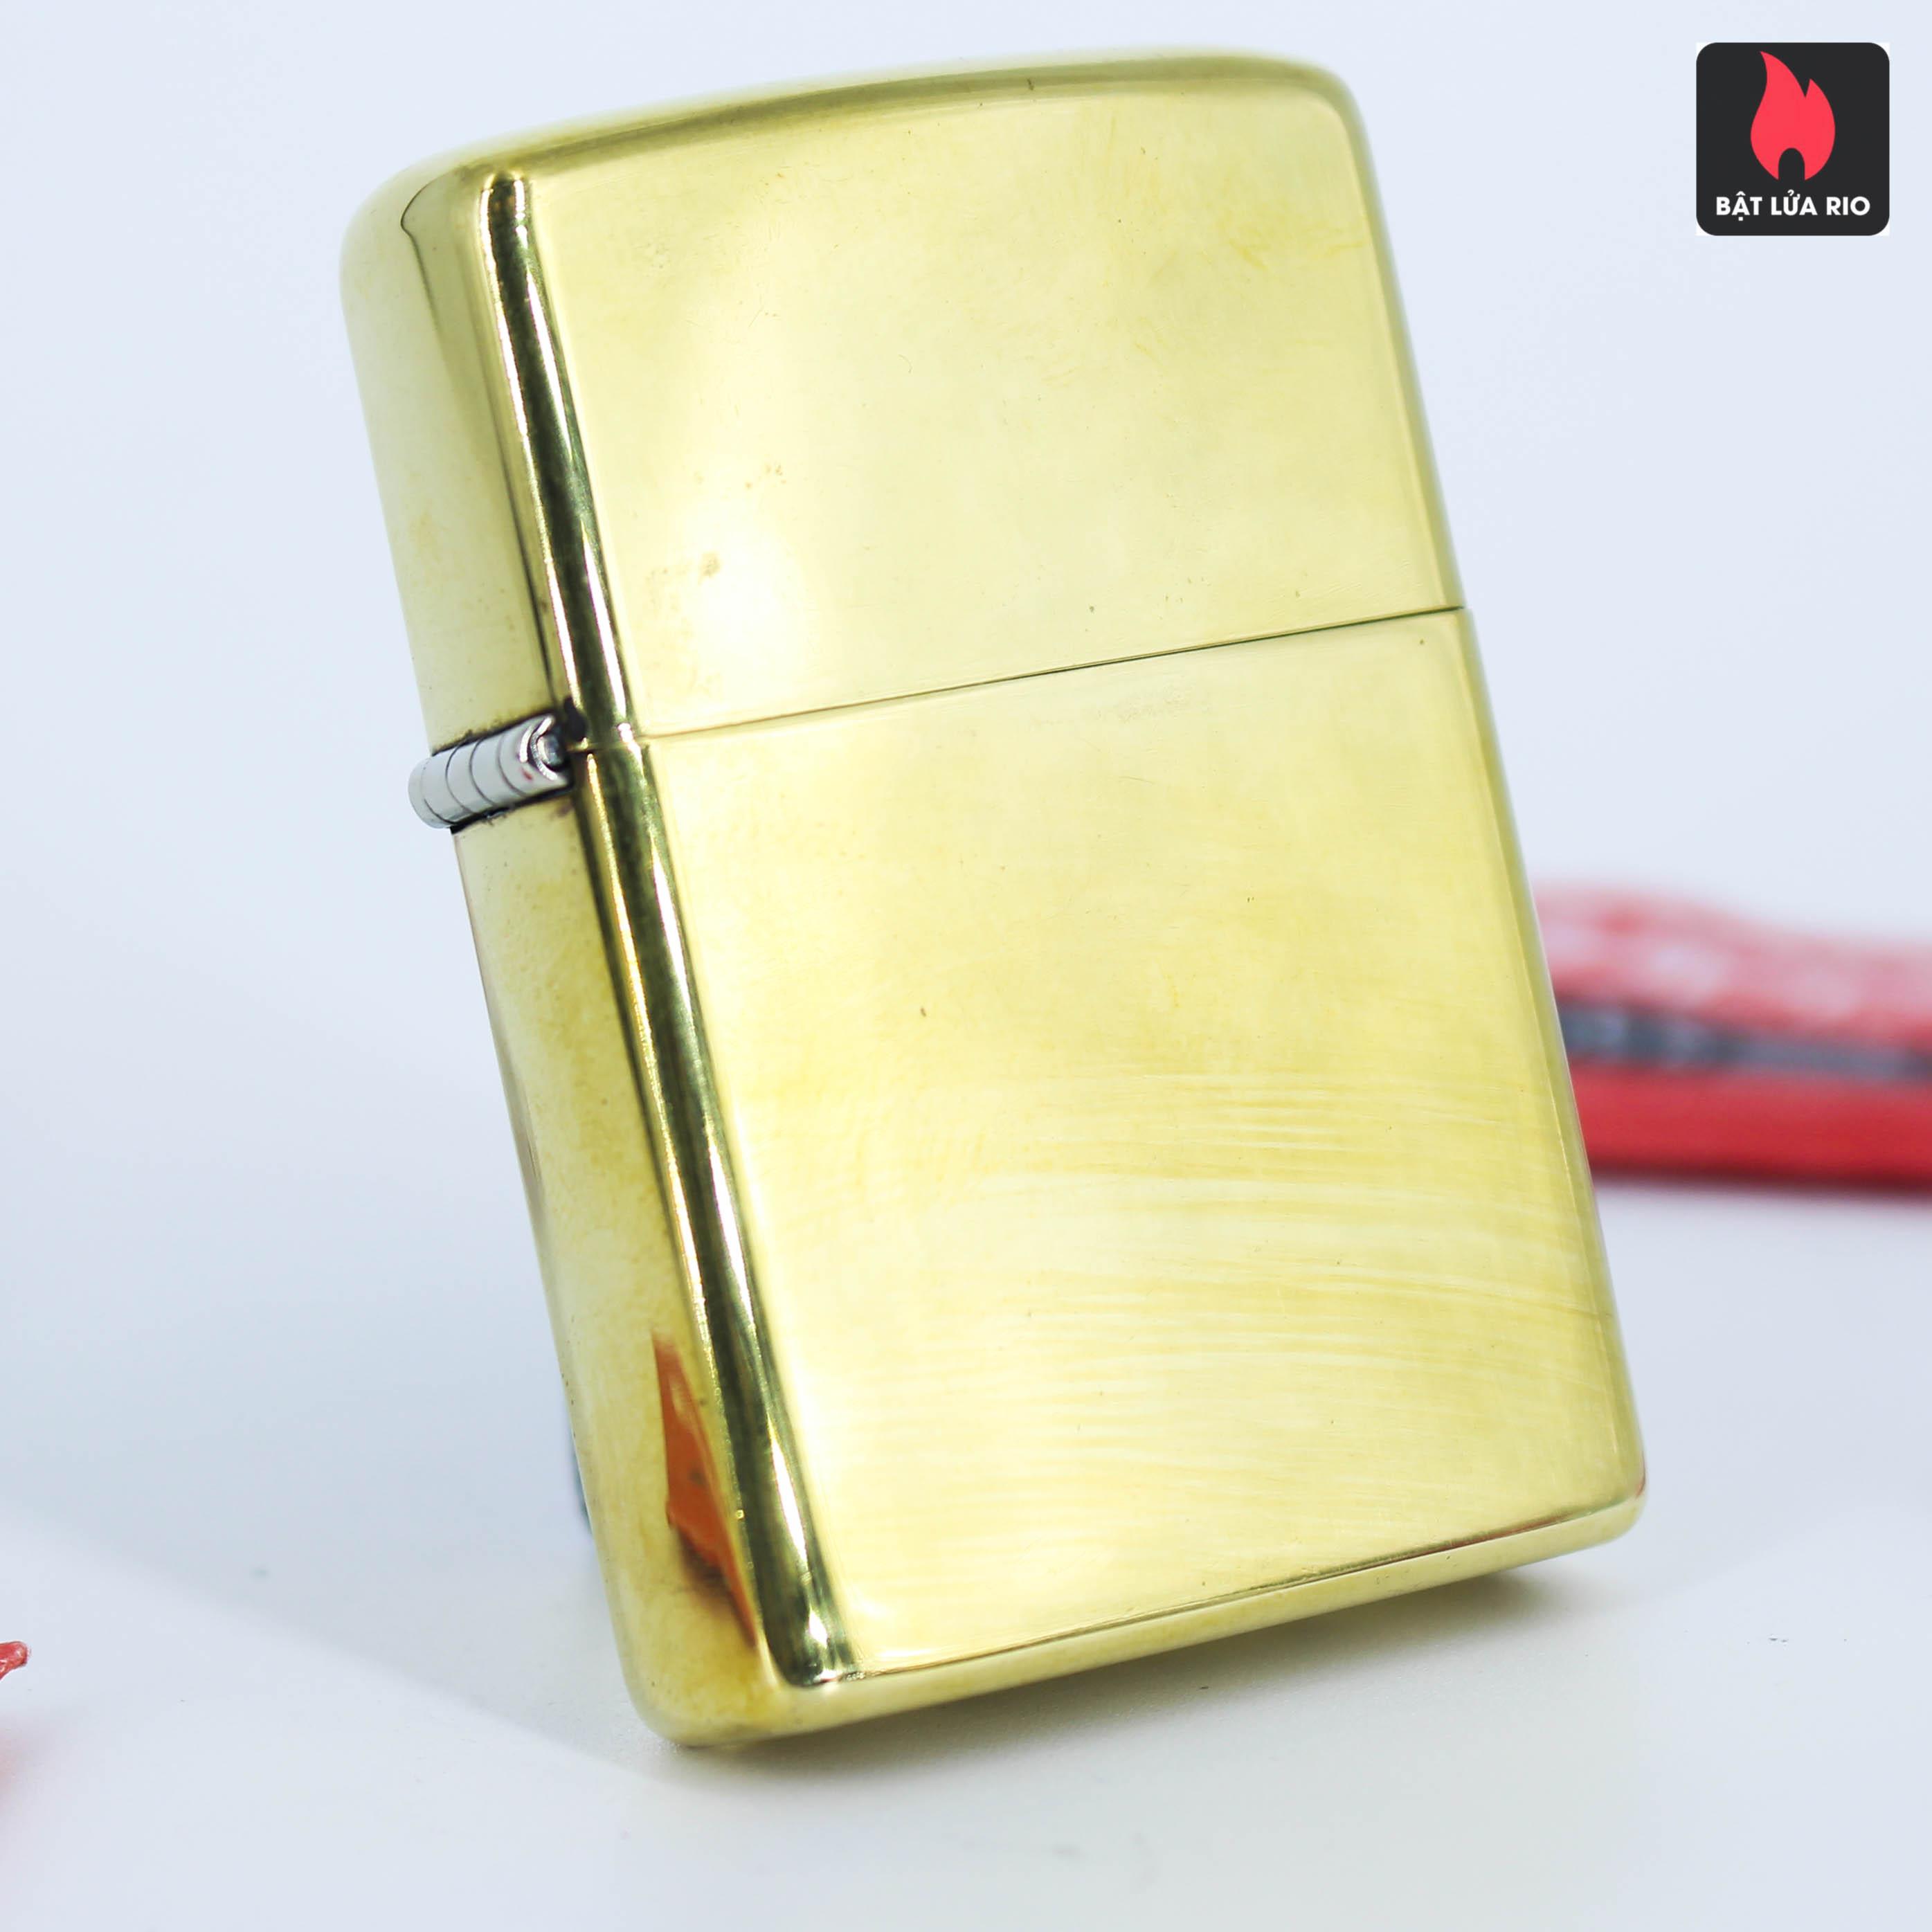 Hiếm – Zippo Xưa 1977 – Solid Brass – Đồng Nguyên Khối - High Polished